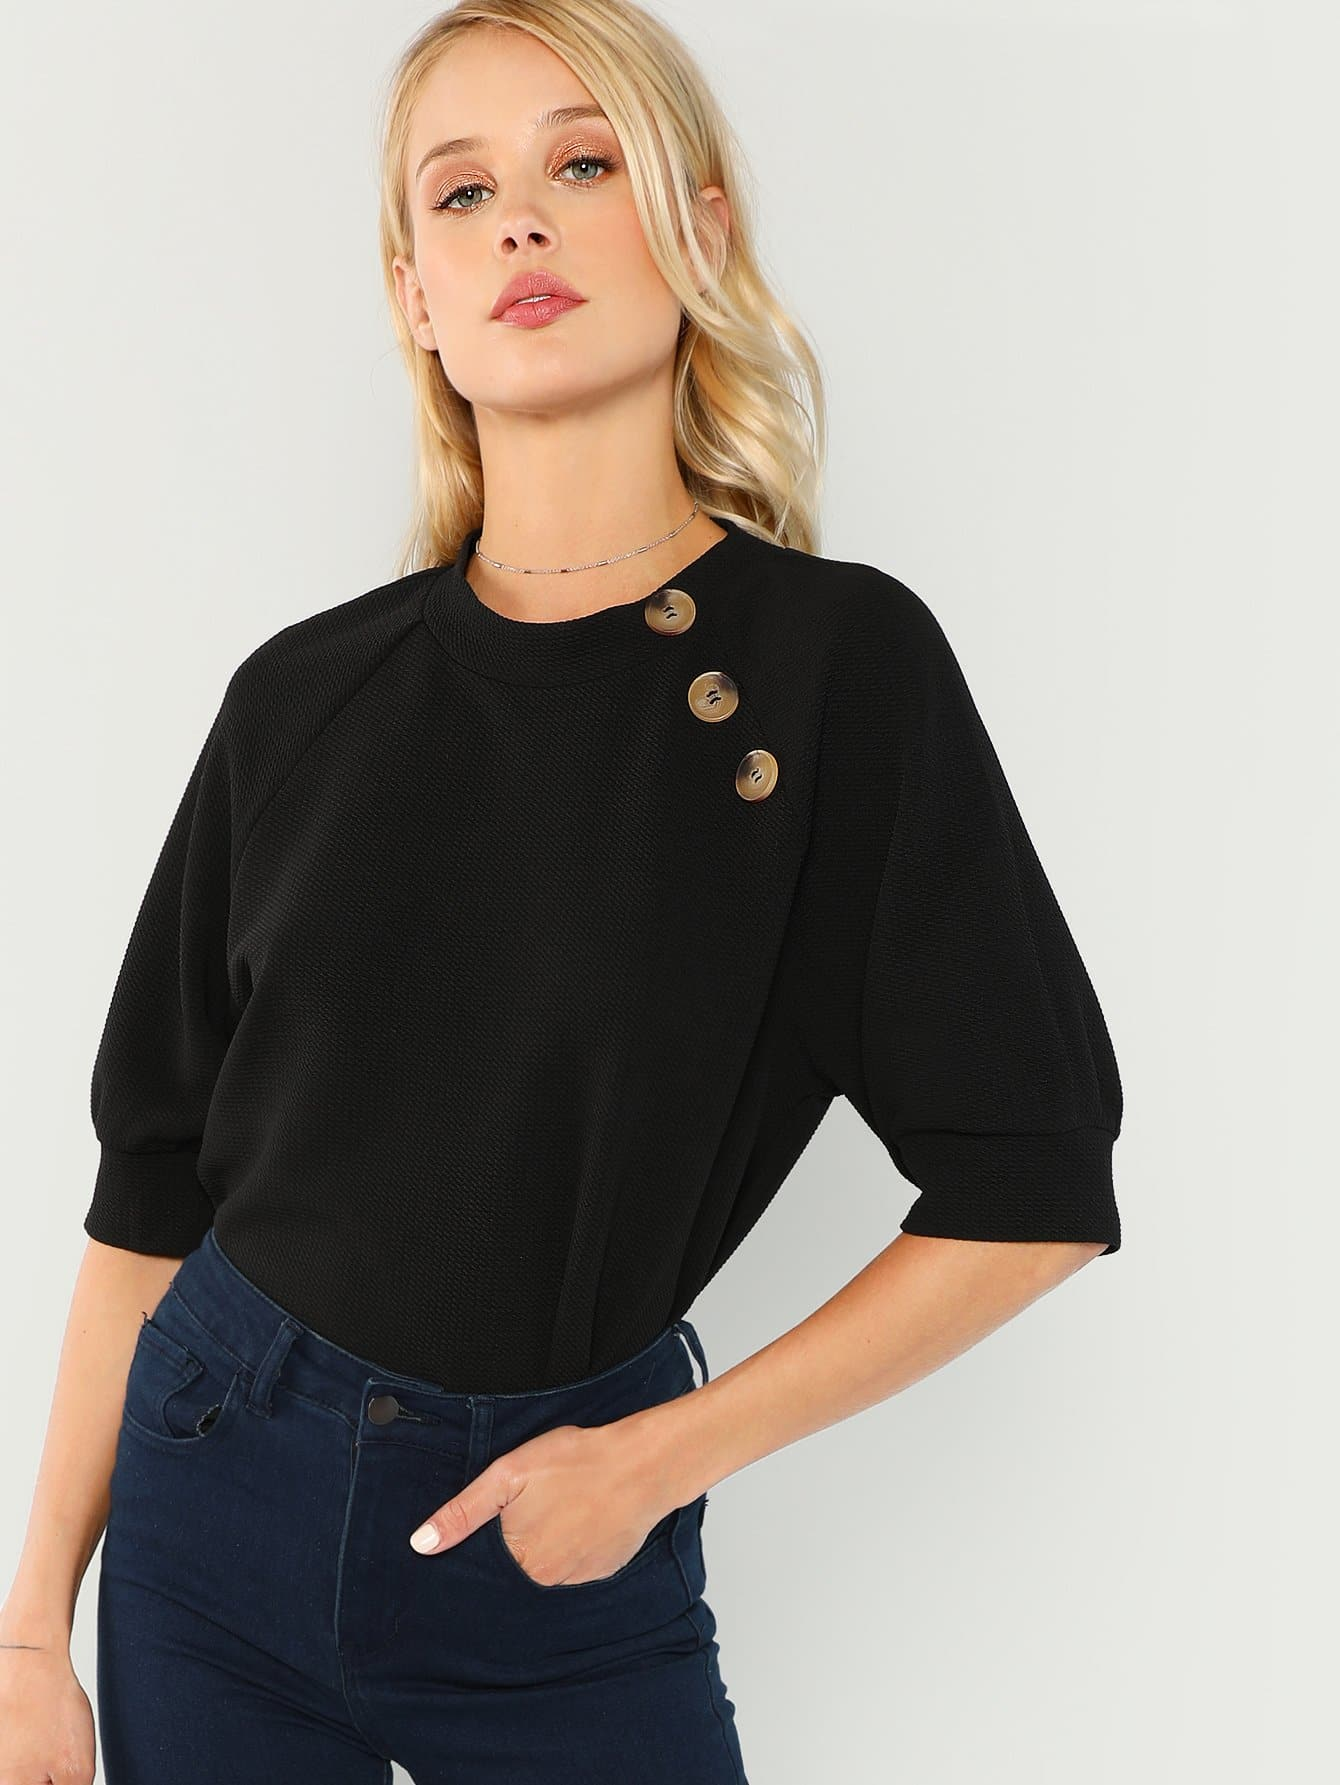 Купить Блузка с рукавами Raglan и с украшением пуговицы, Allie Leggett, SheIn